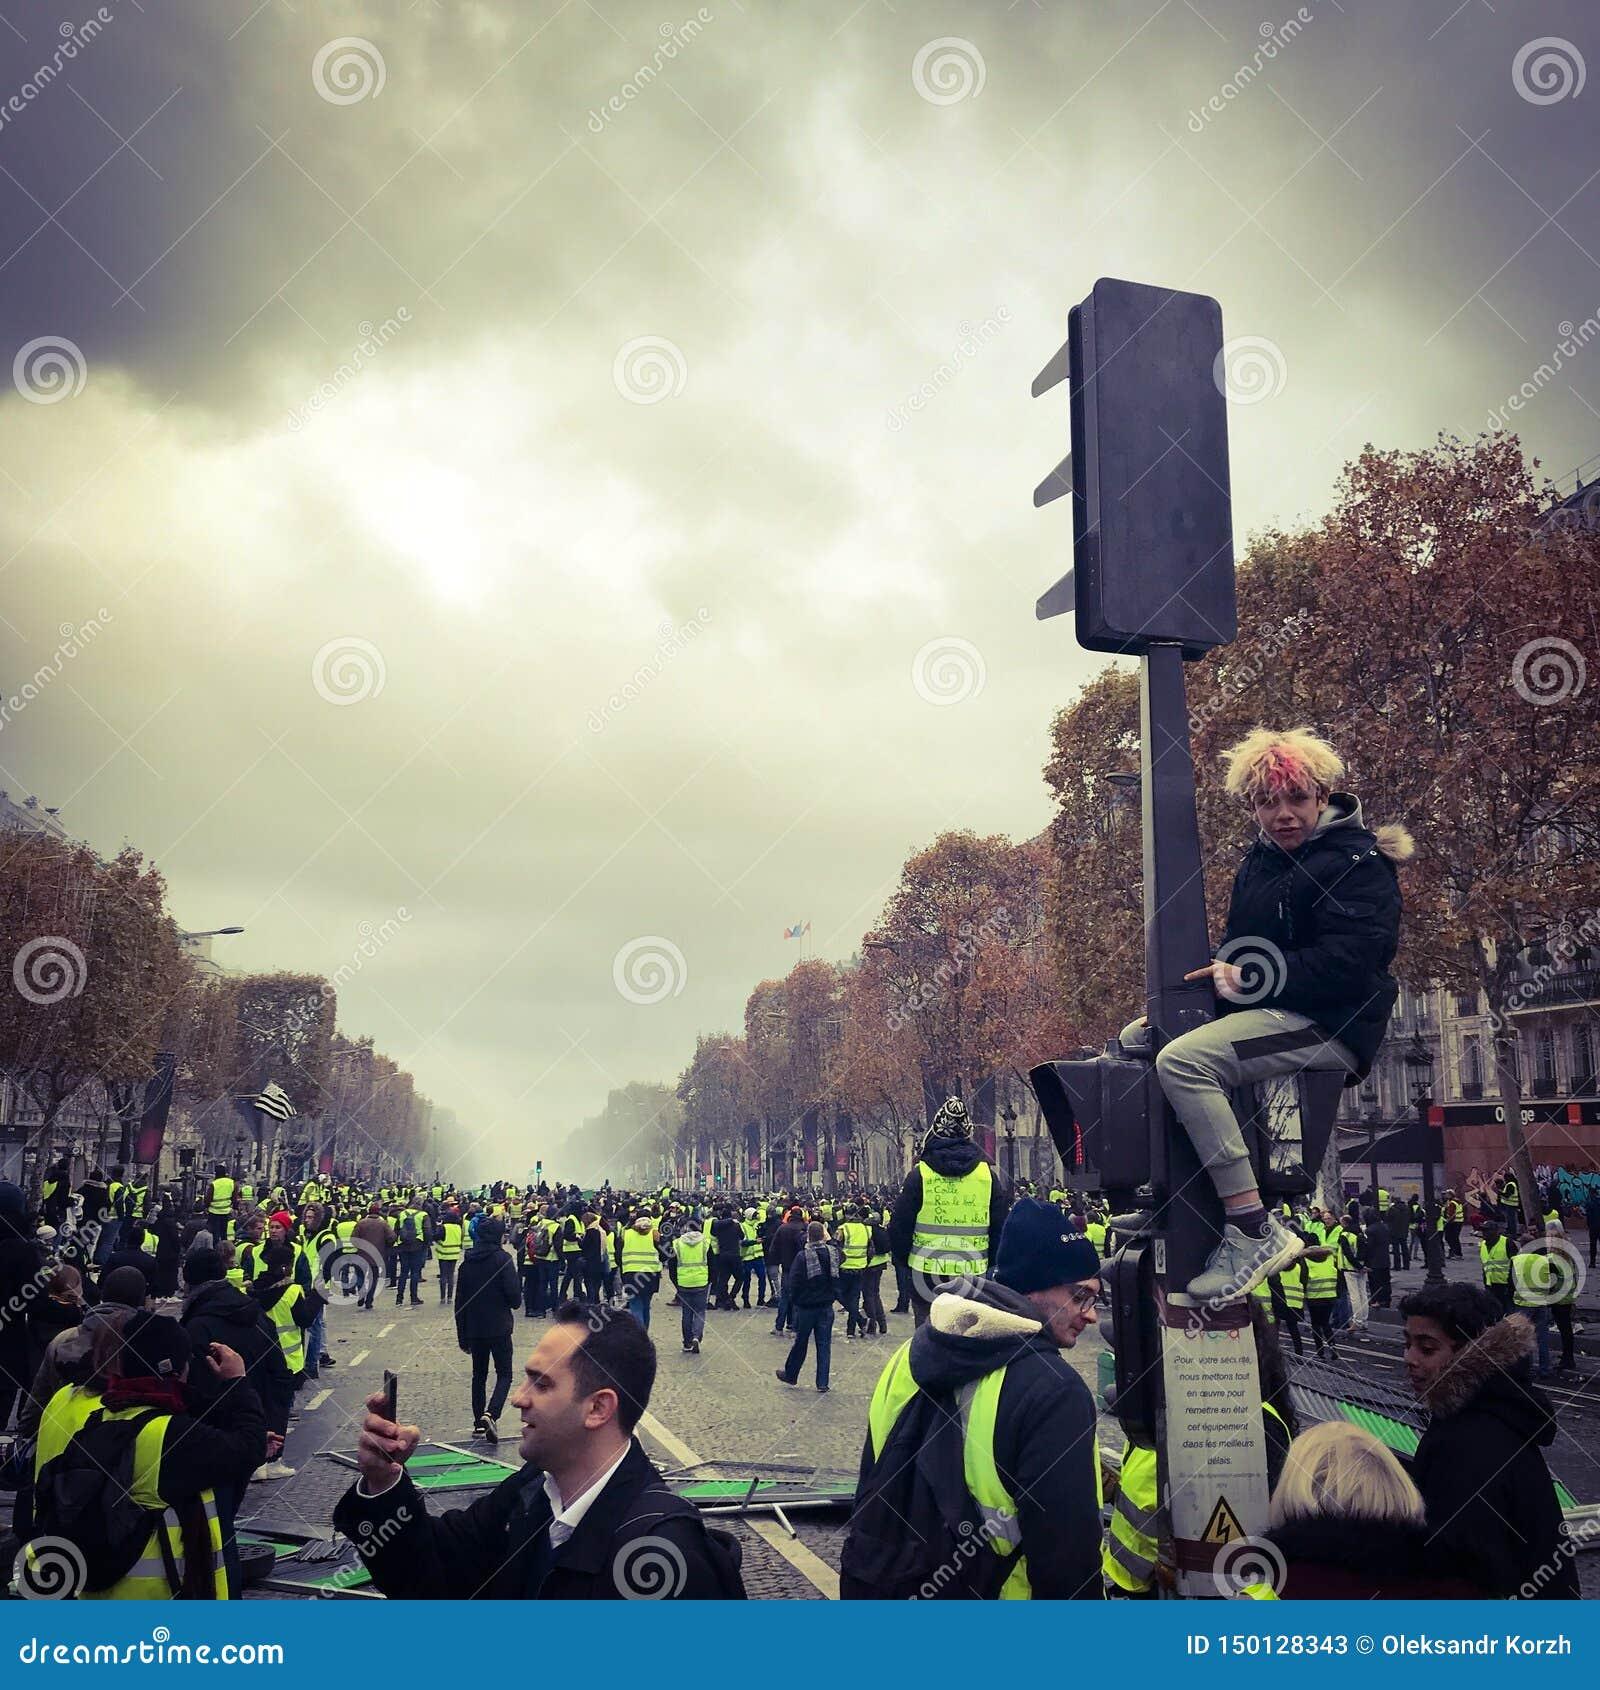 Démonstrateurs pendant une protestation dans des gilets jaunes